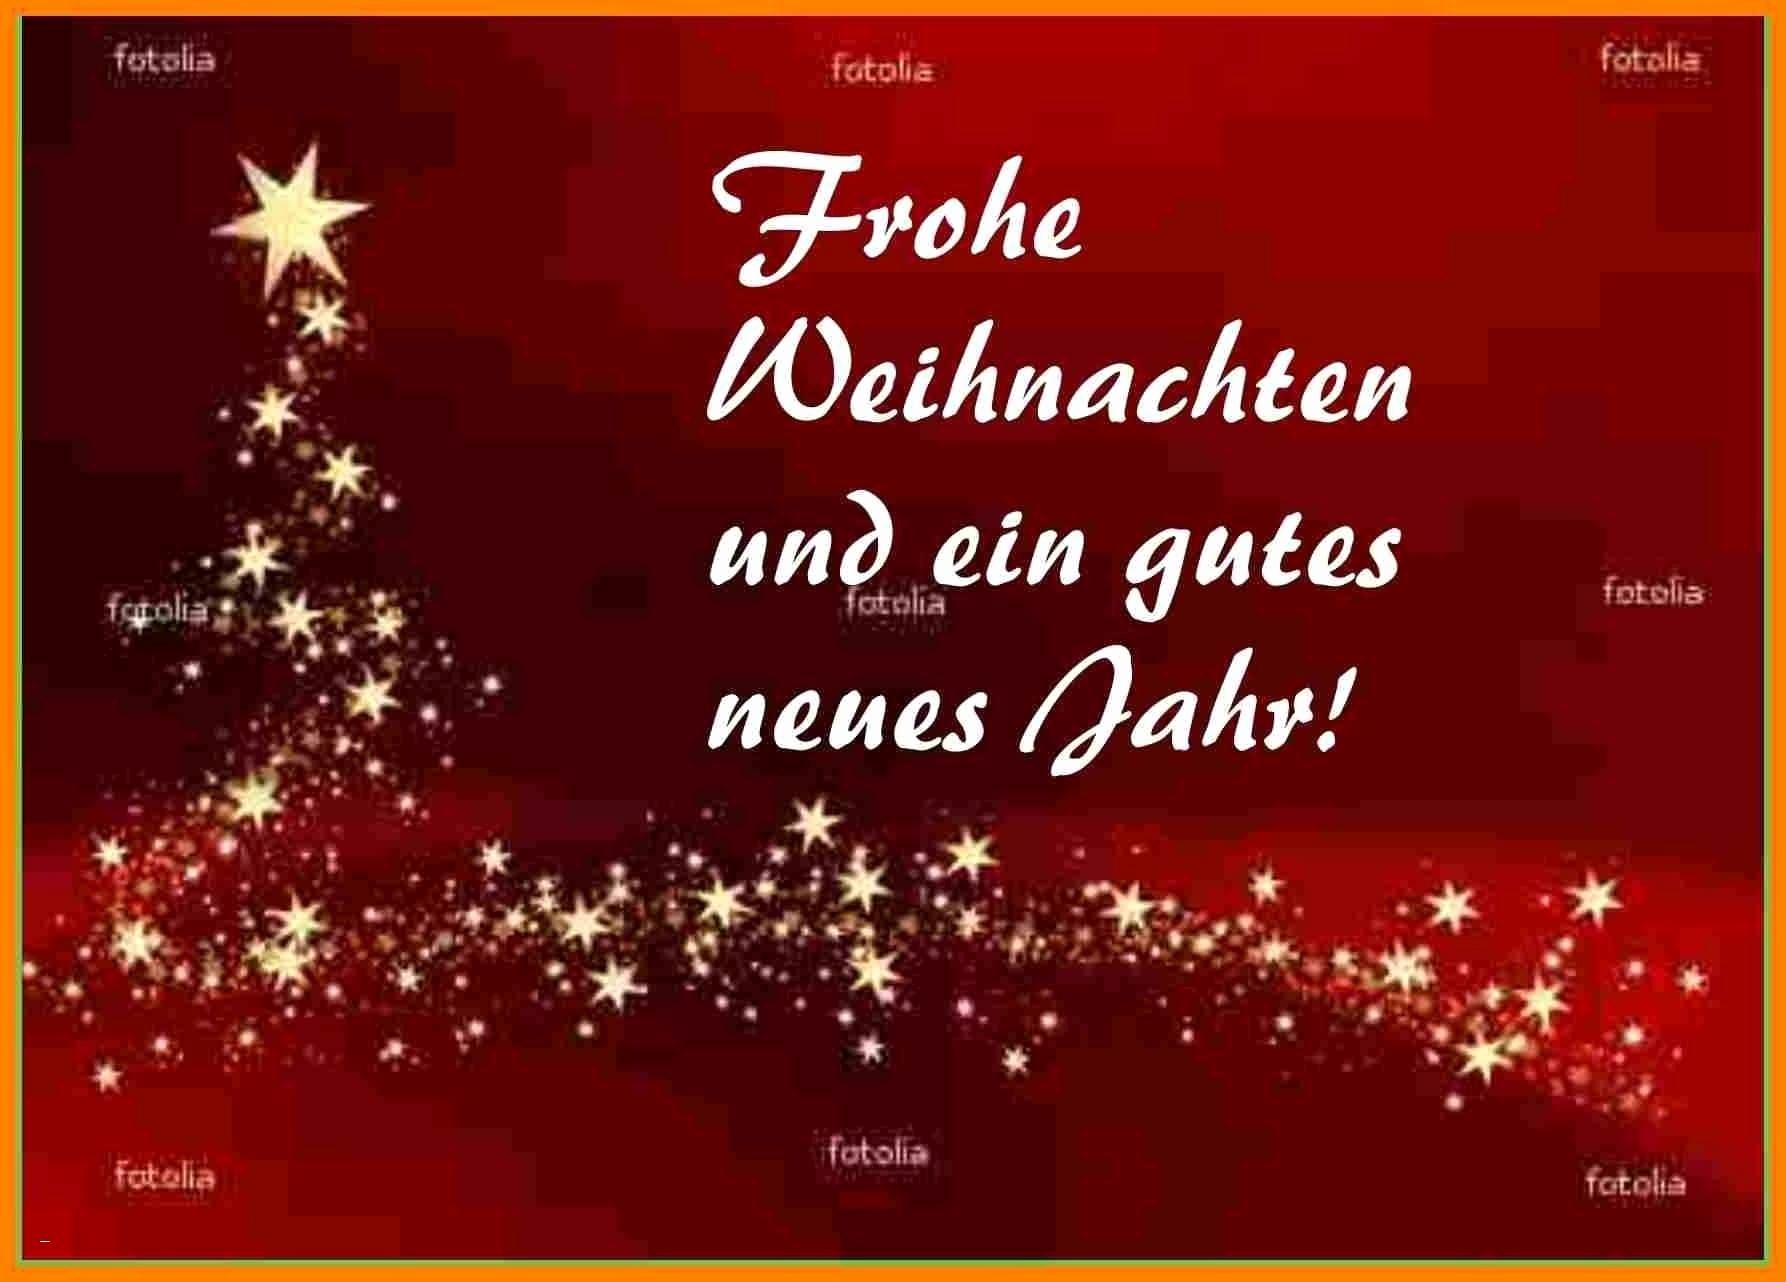 Weihnachtskarte Vorlage Schön Weihnachtskarte Gestalten innen Weihnachtskarte Vorlage